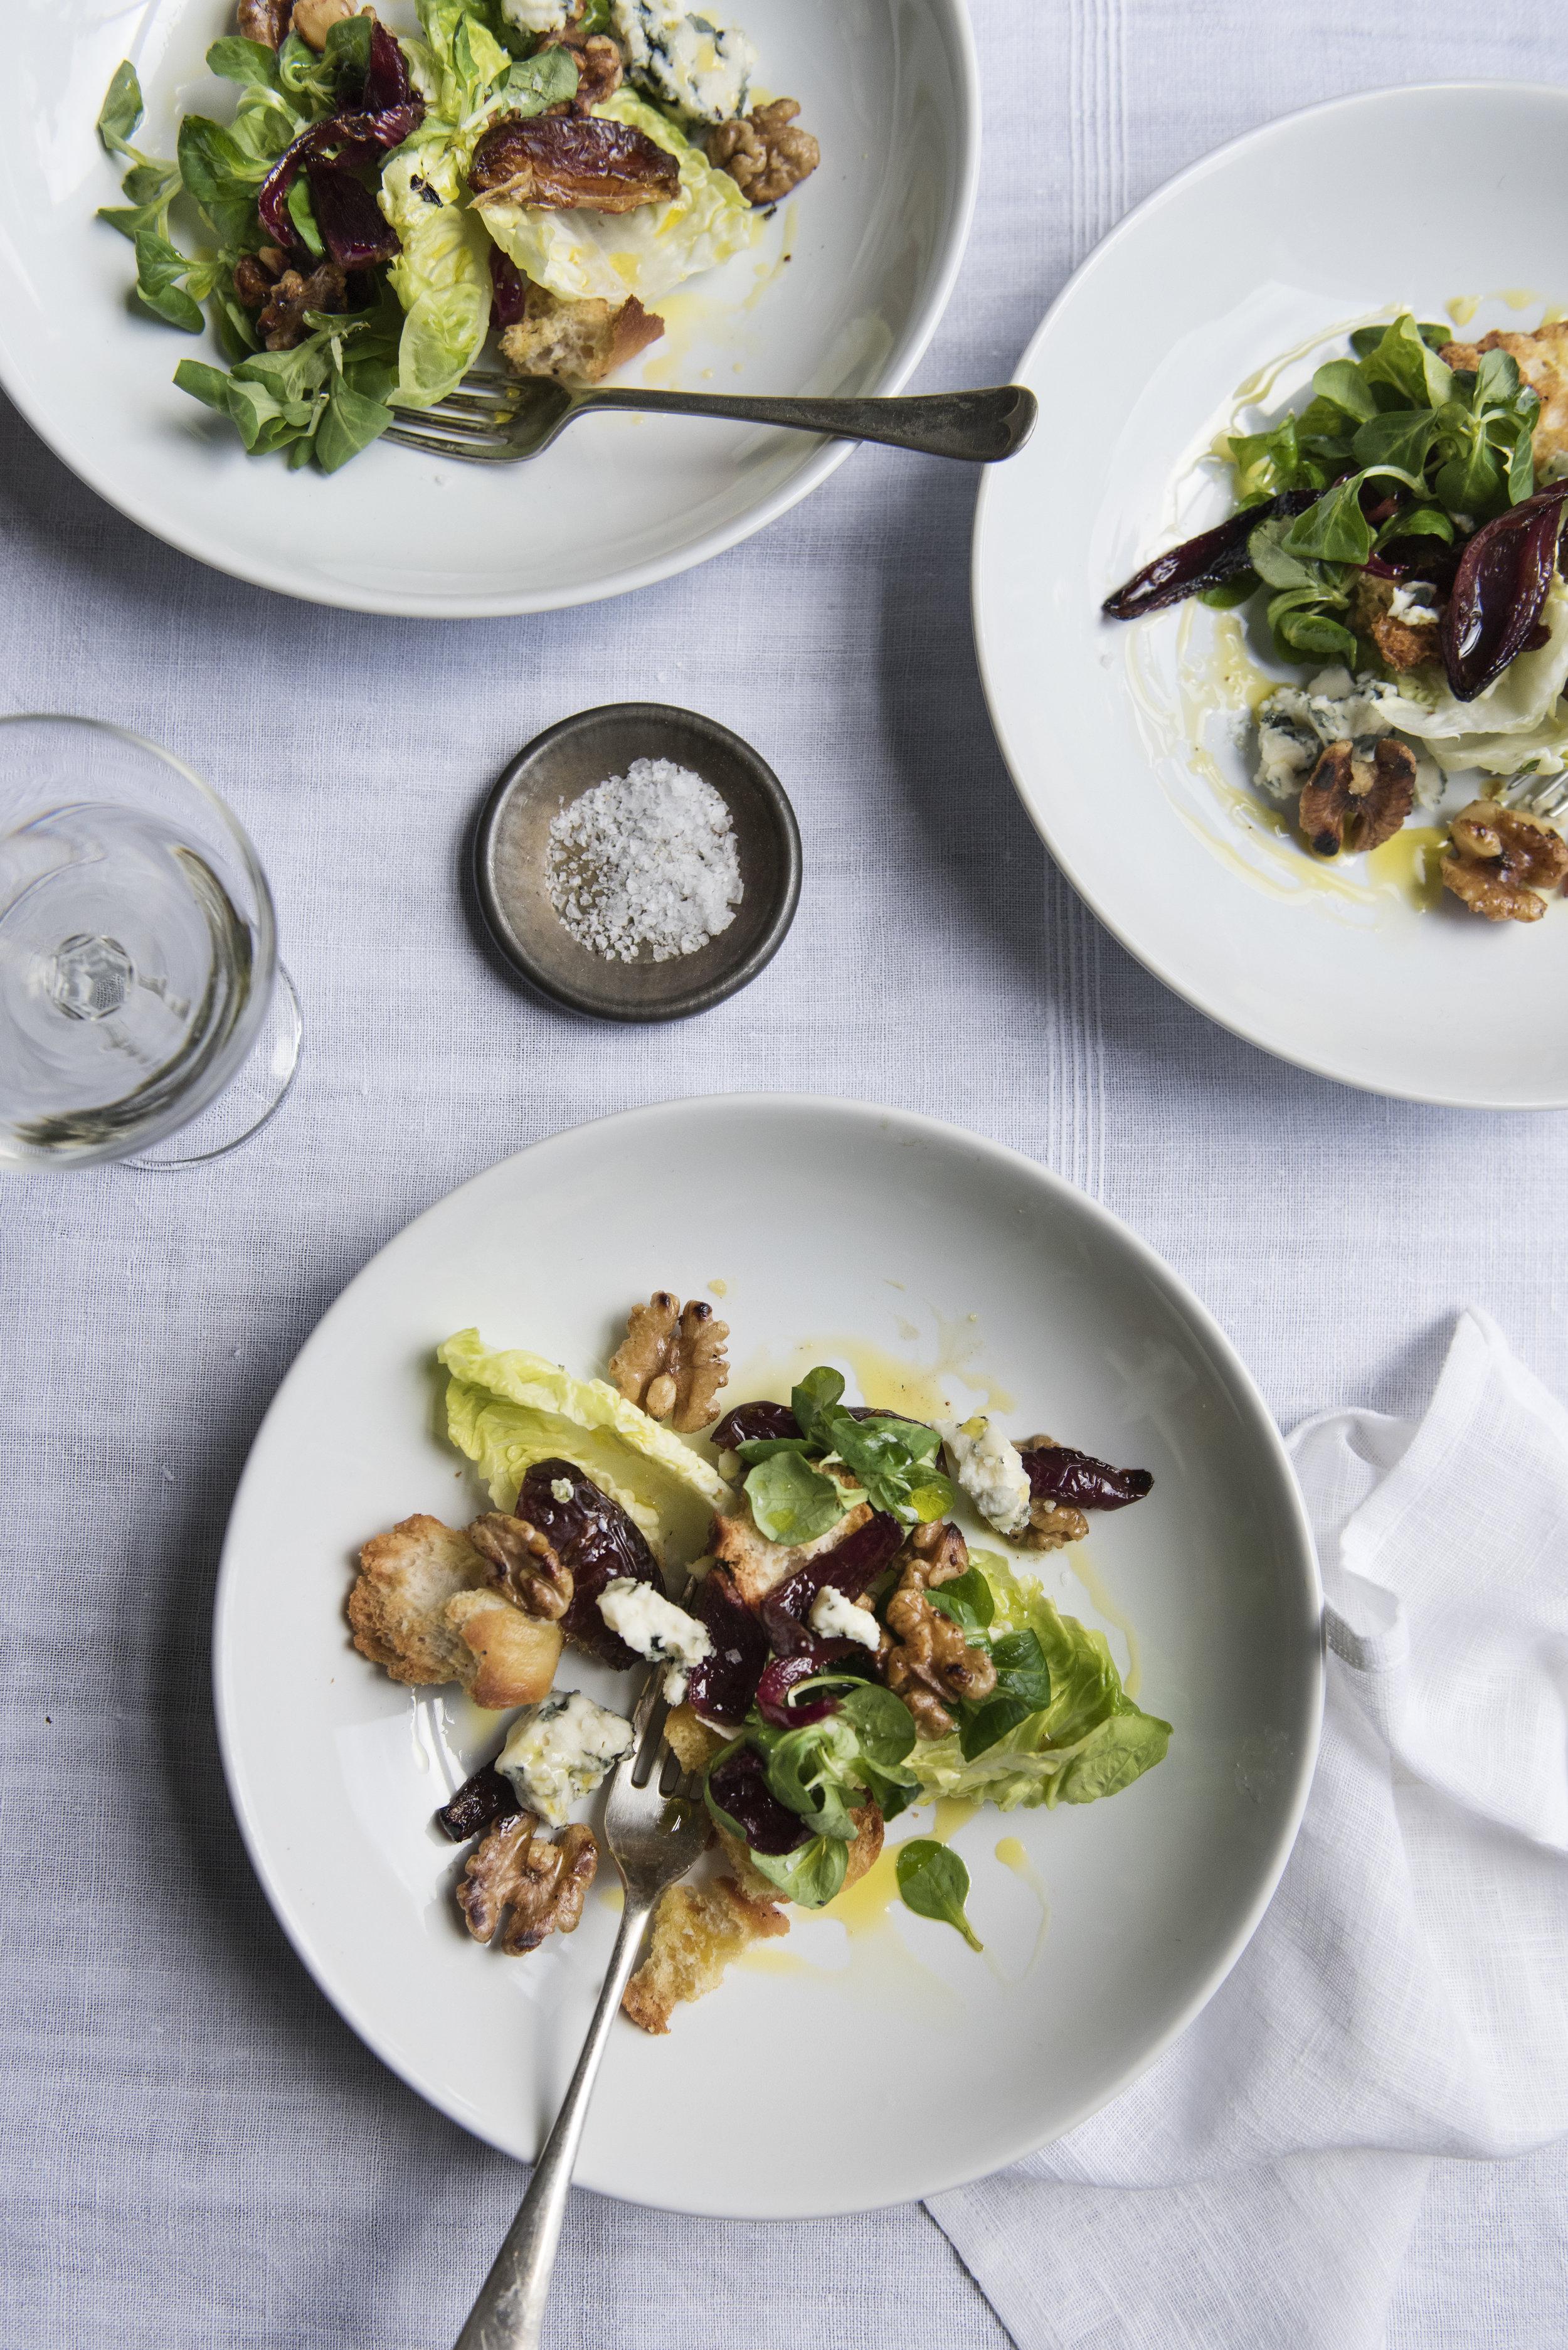 Roquefort, date and walnut salad